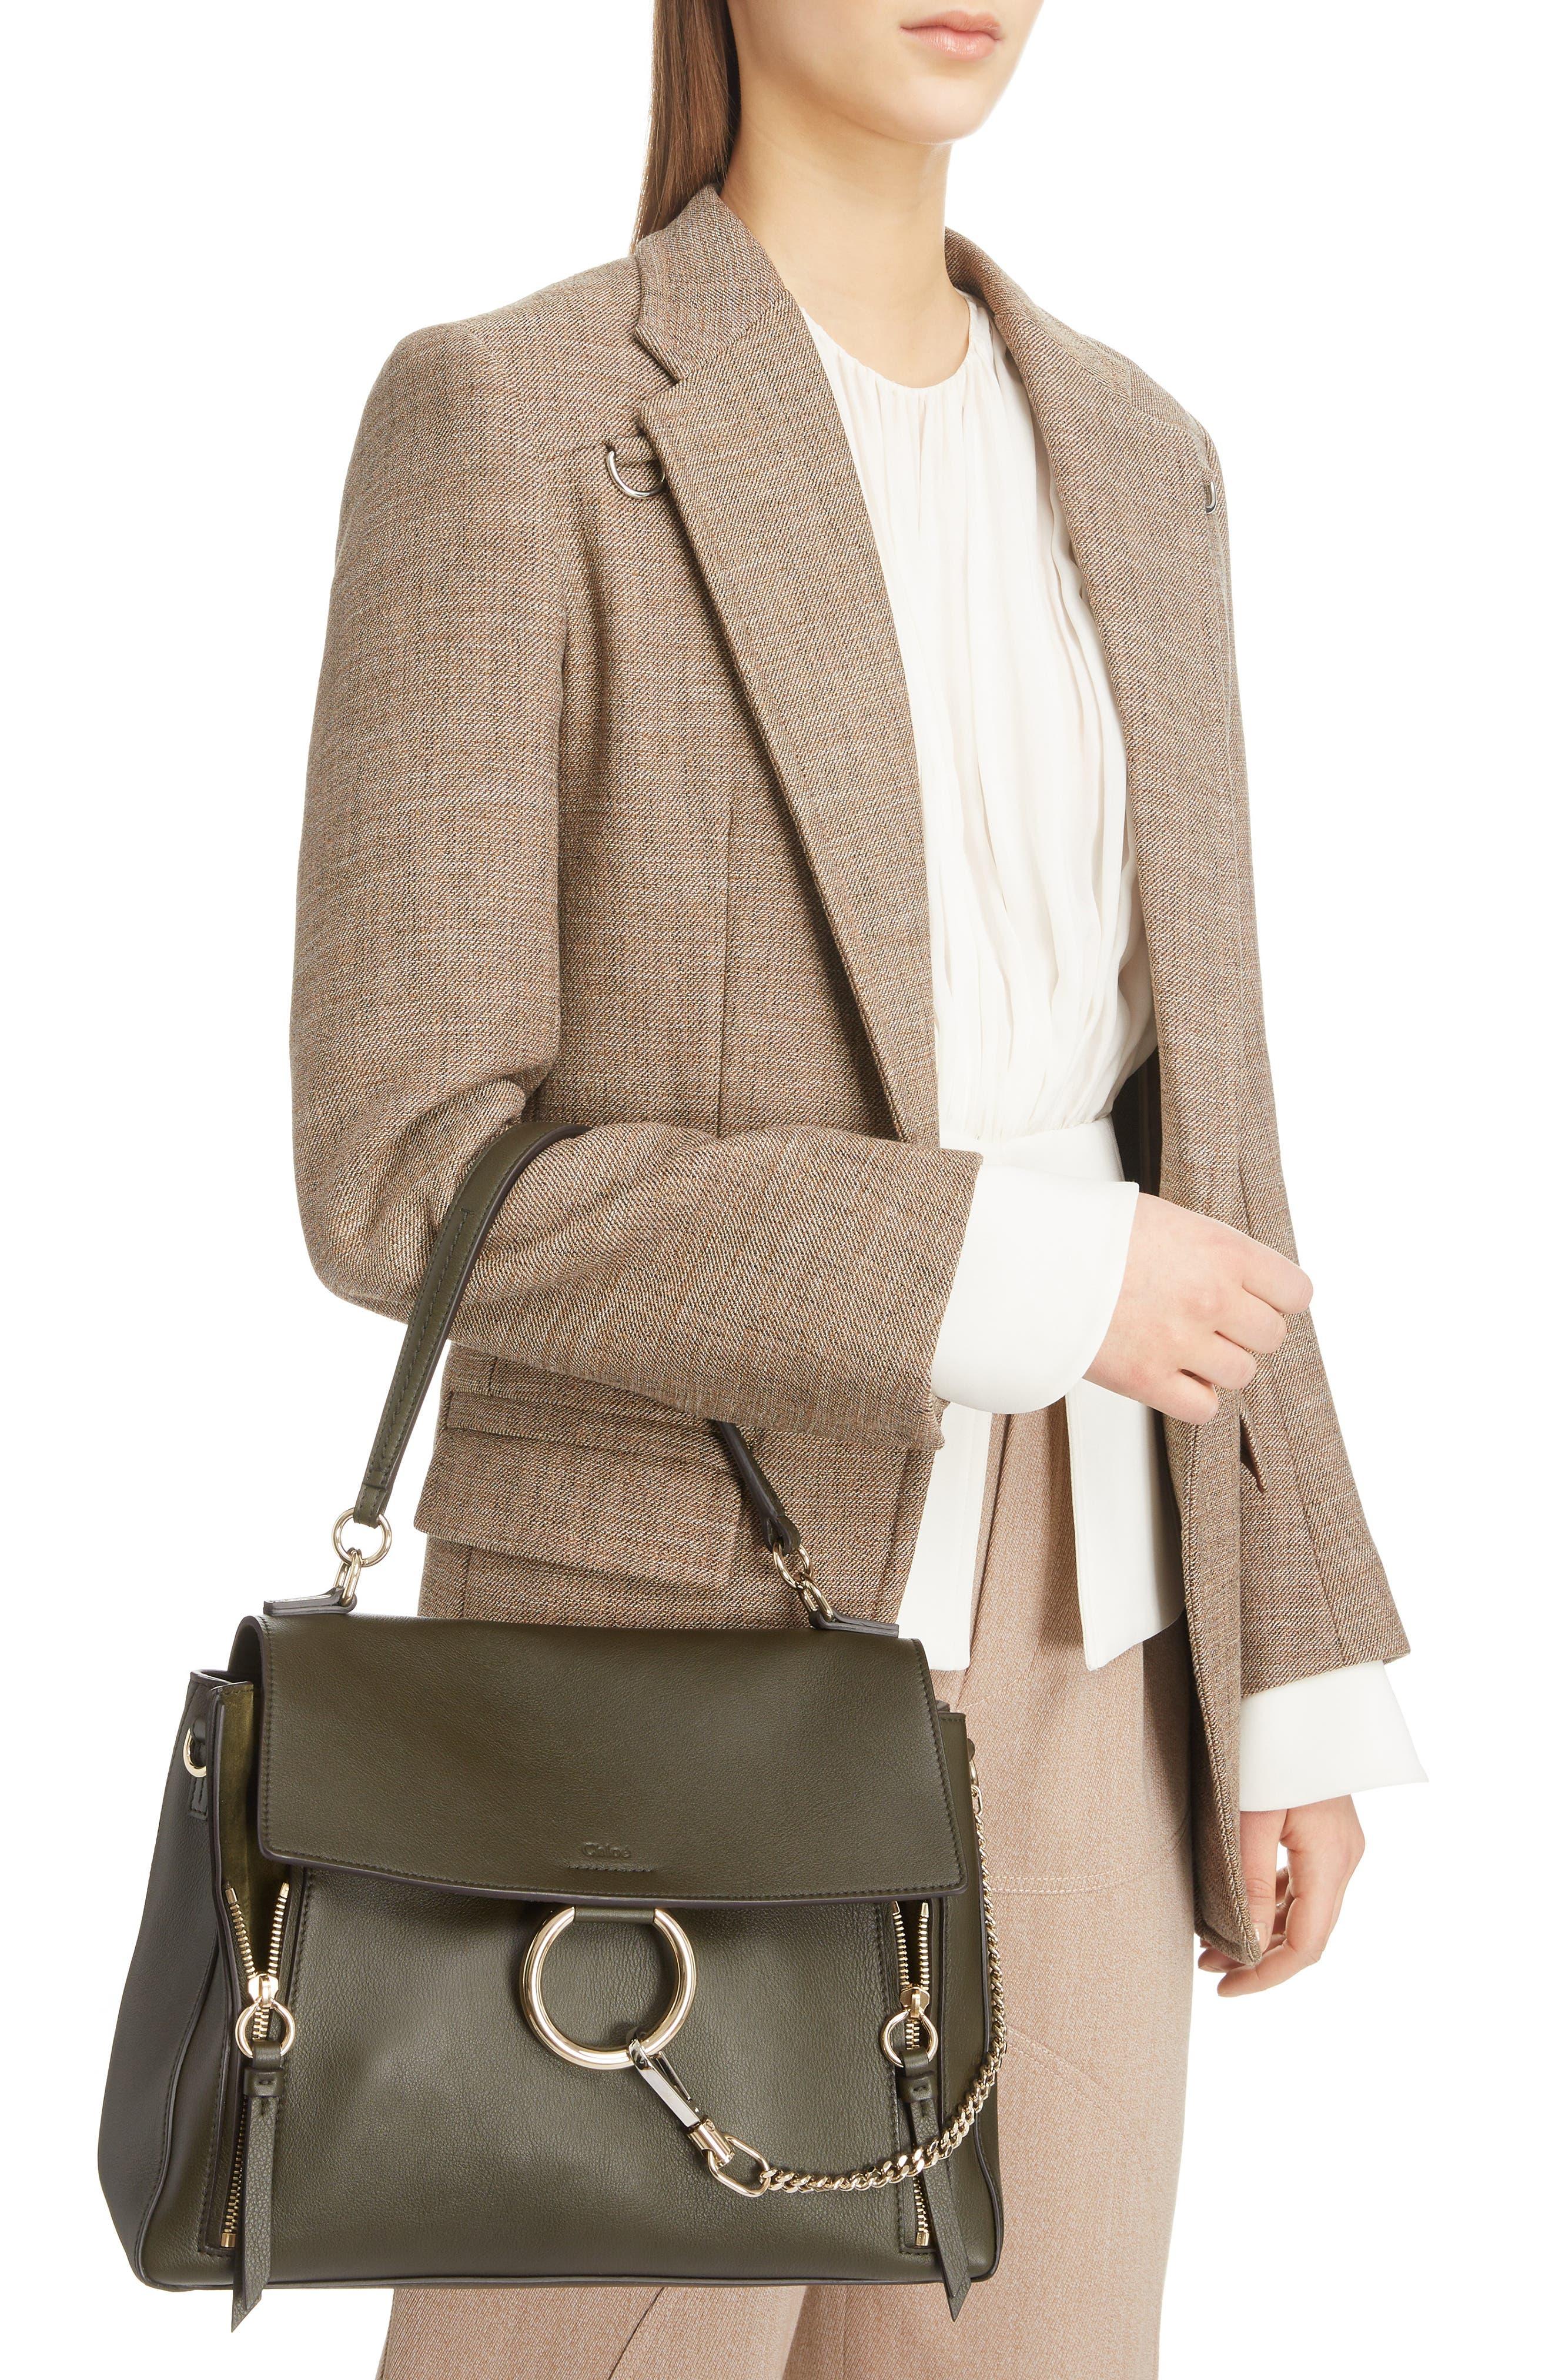 Medium Faye Leather Shoulder Bag,                             Alternate thumbnail 2, color,                             DEEP FOREST